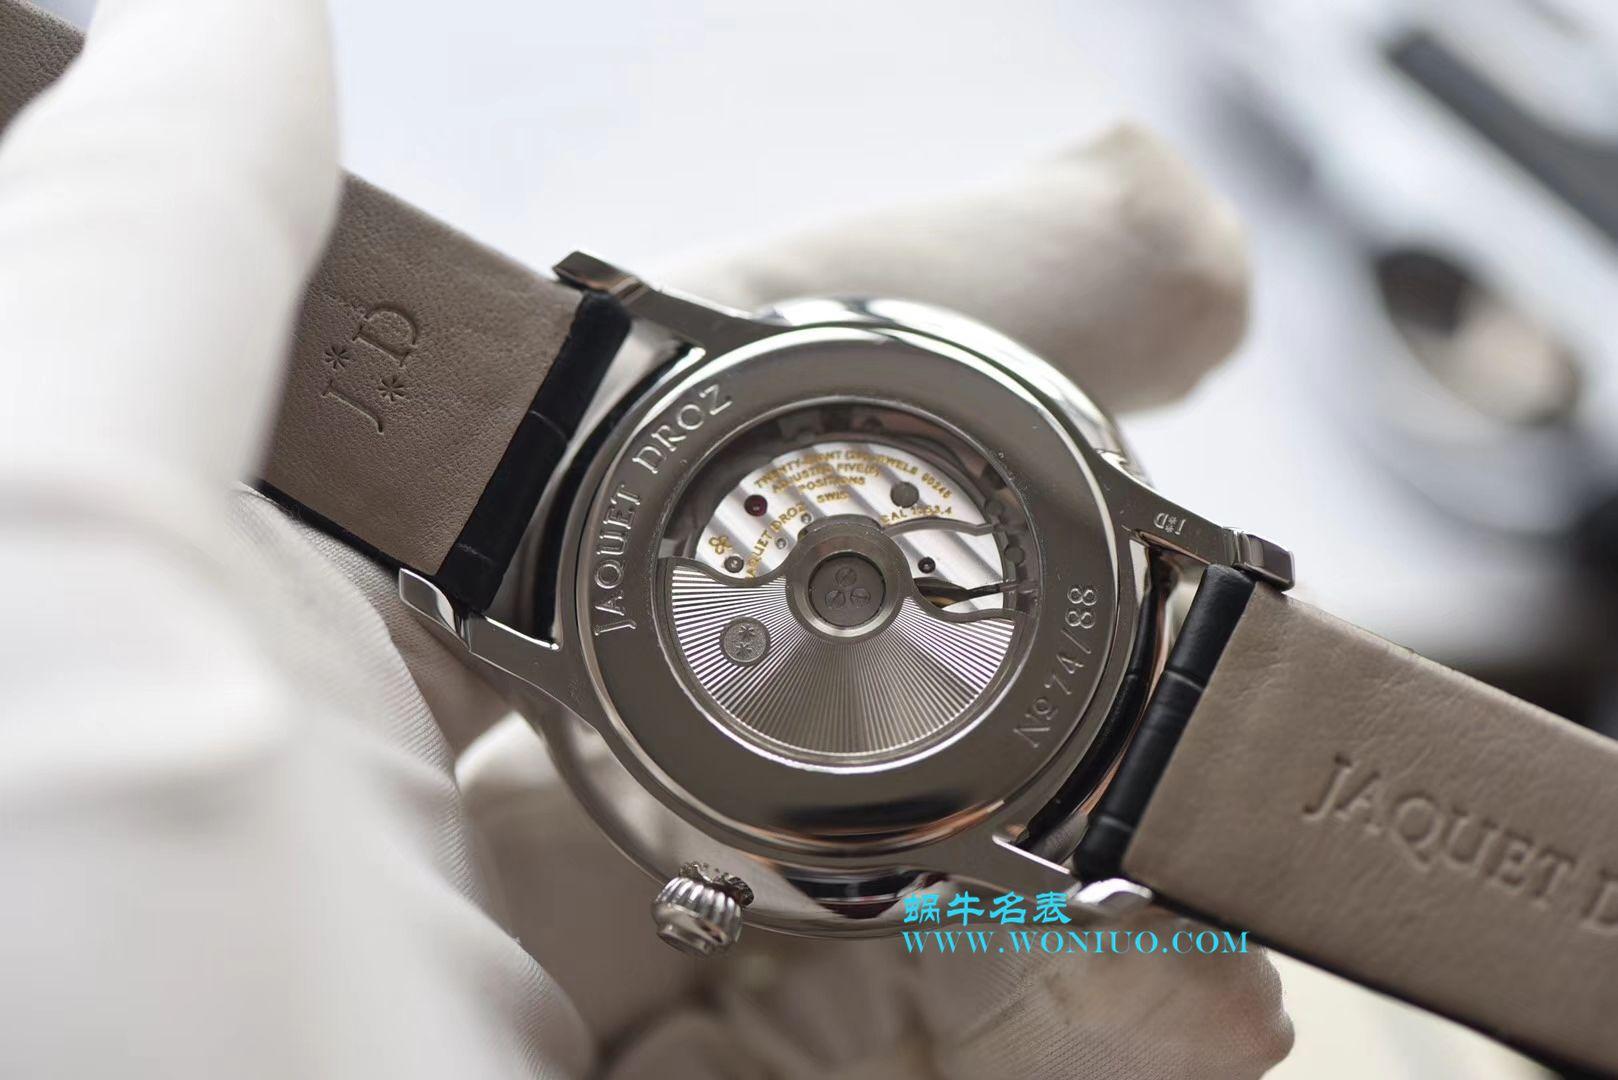 视频评测雅克德罗星辰系列J0022030202腕表一比一高仿手表【️FK工厂 年中巨献 雅克德罗星辰系列J0022030202】 / YK020MM